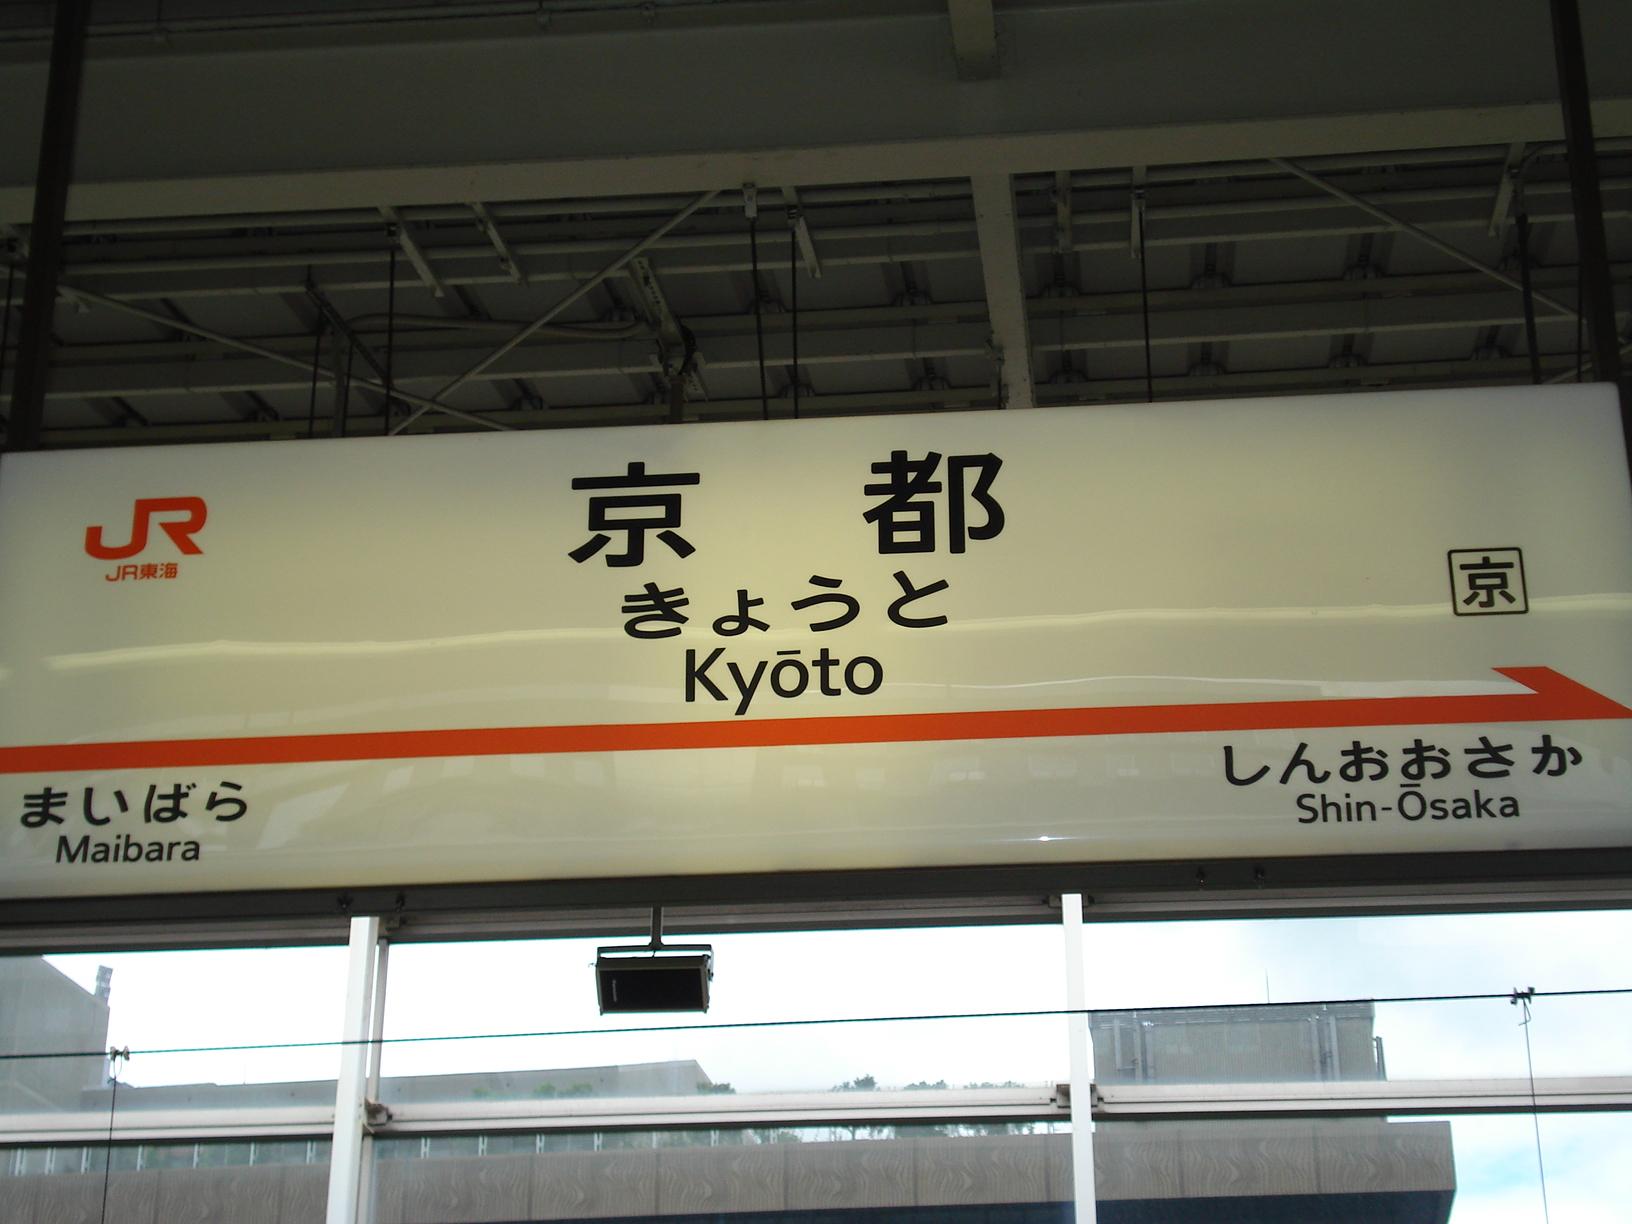 京都観光(きょうと かんこう)